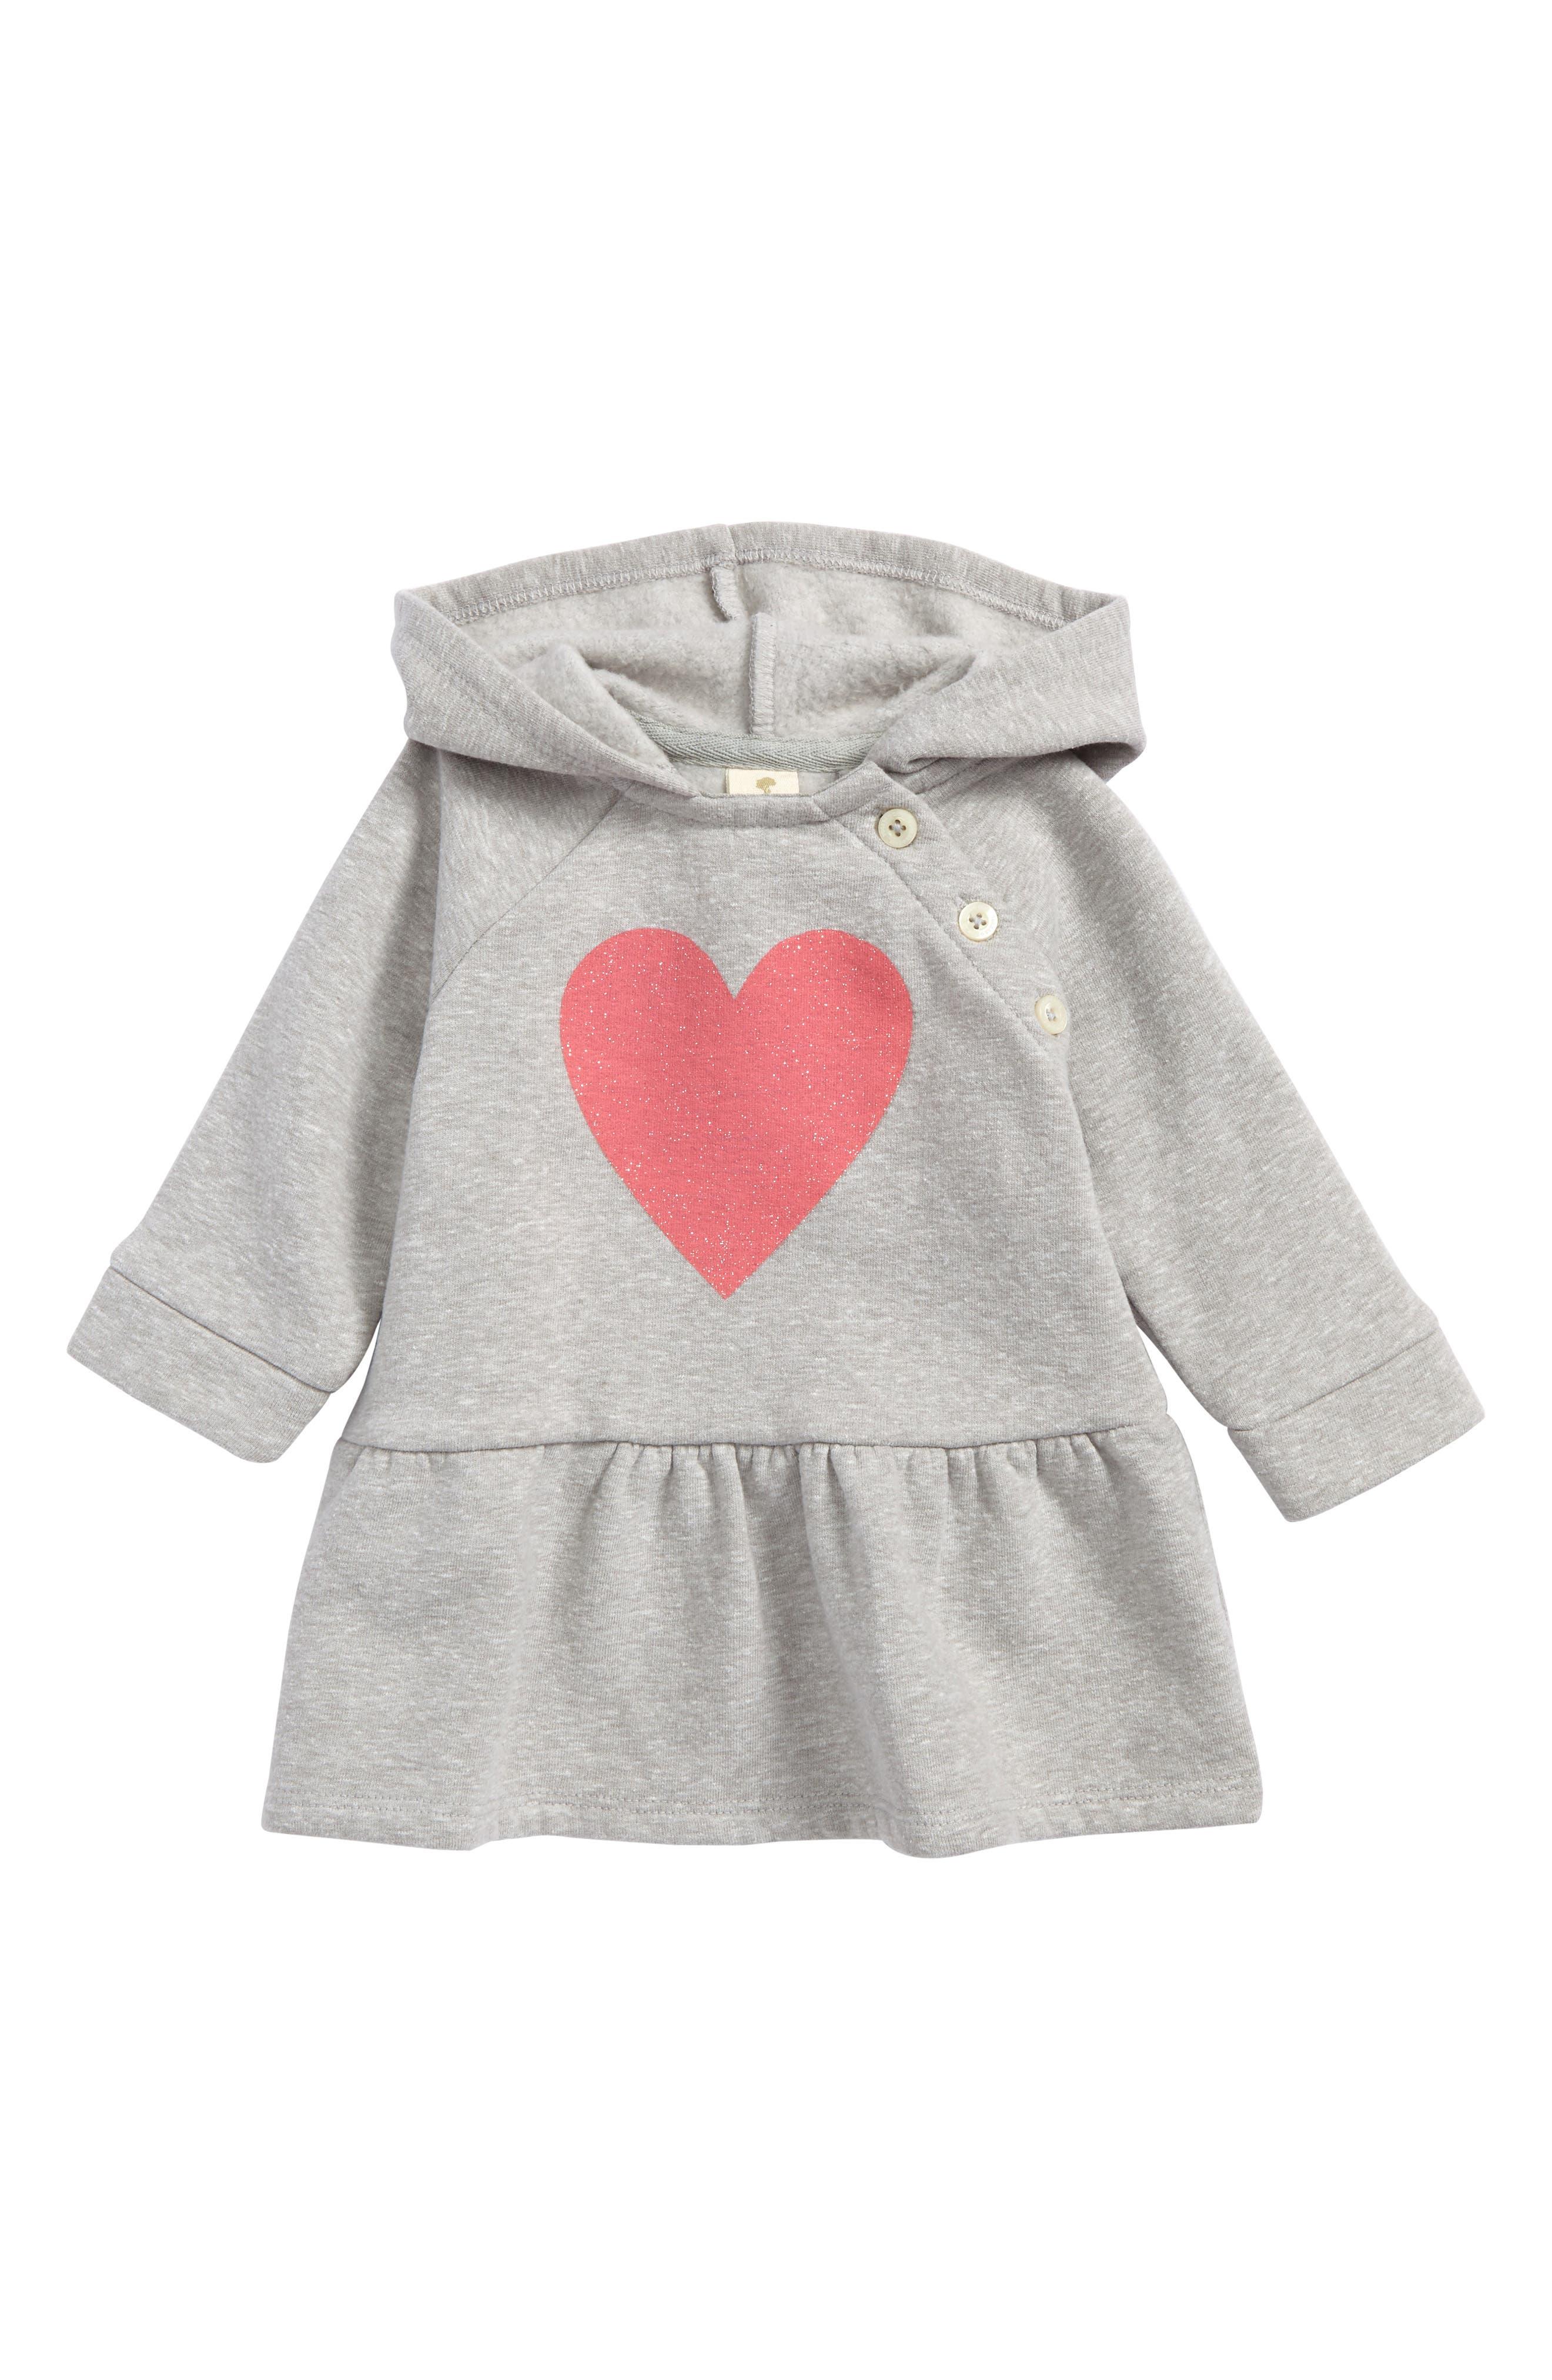 Sparkle Heart Hooded Fleece Dress,                         Main,                         color, Grey Ash Heather Sparkle Heart